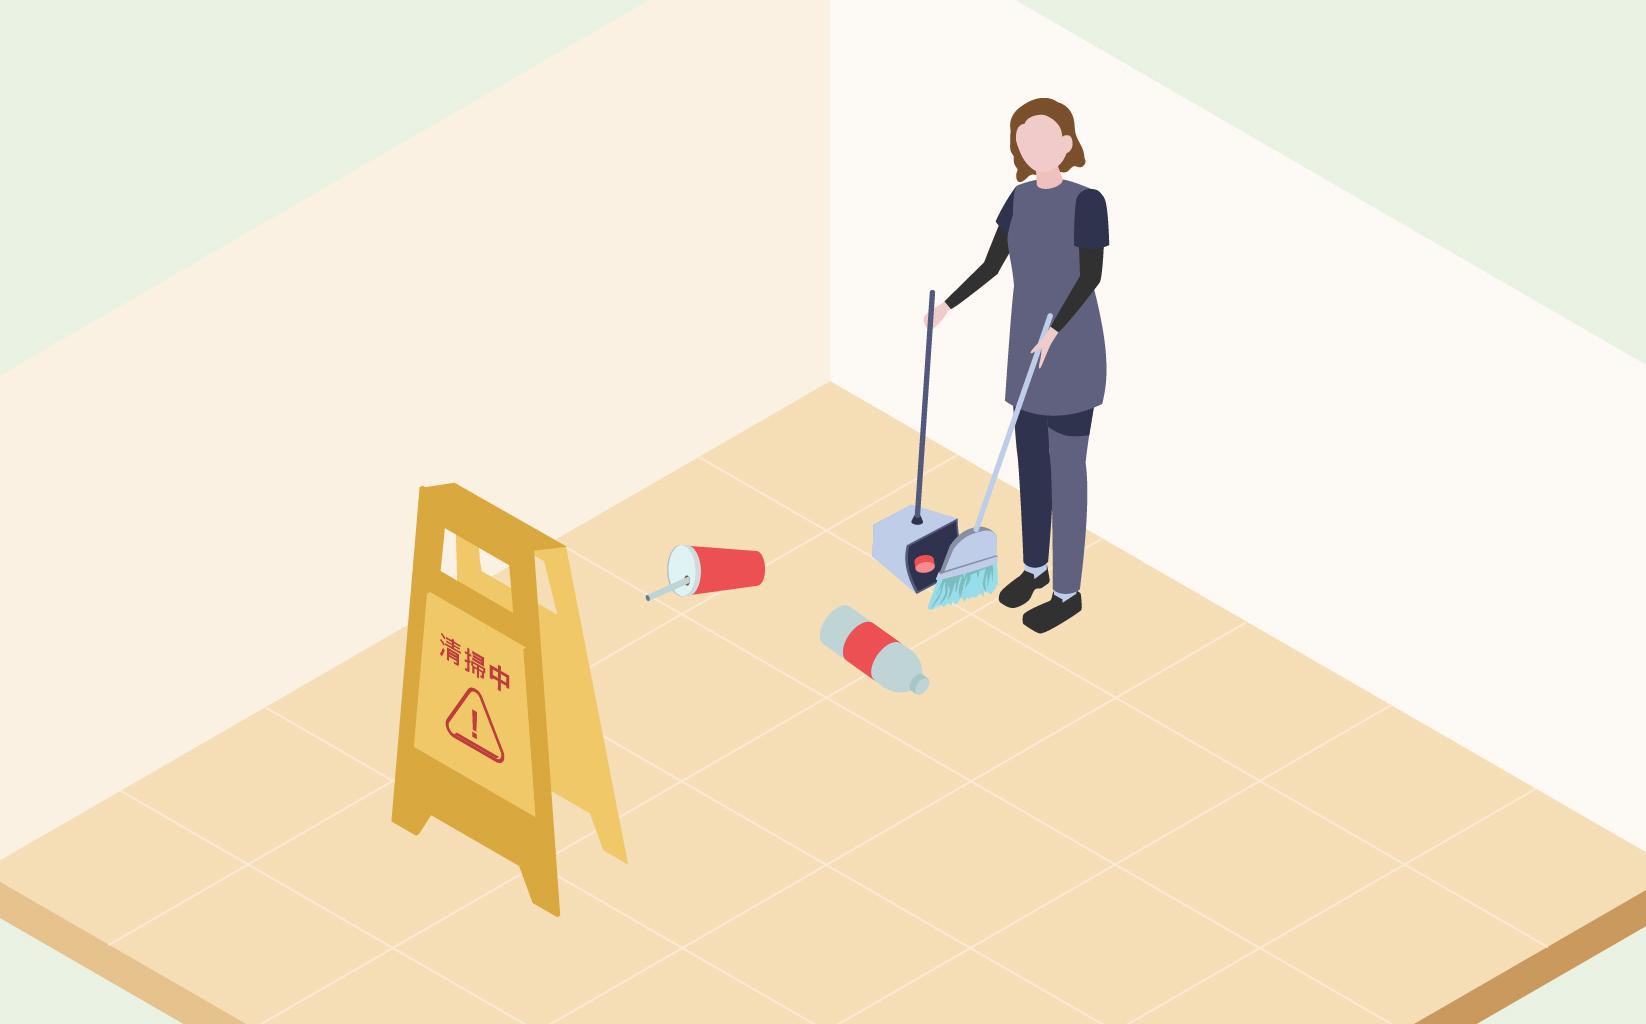 ゴミが落ちている床を従業員の方が清掃しており、清掃している場所に清掃中という立ち入り禁止の看板が設置されている